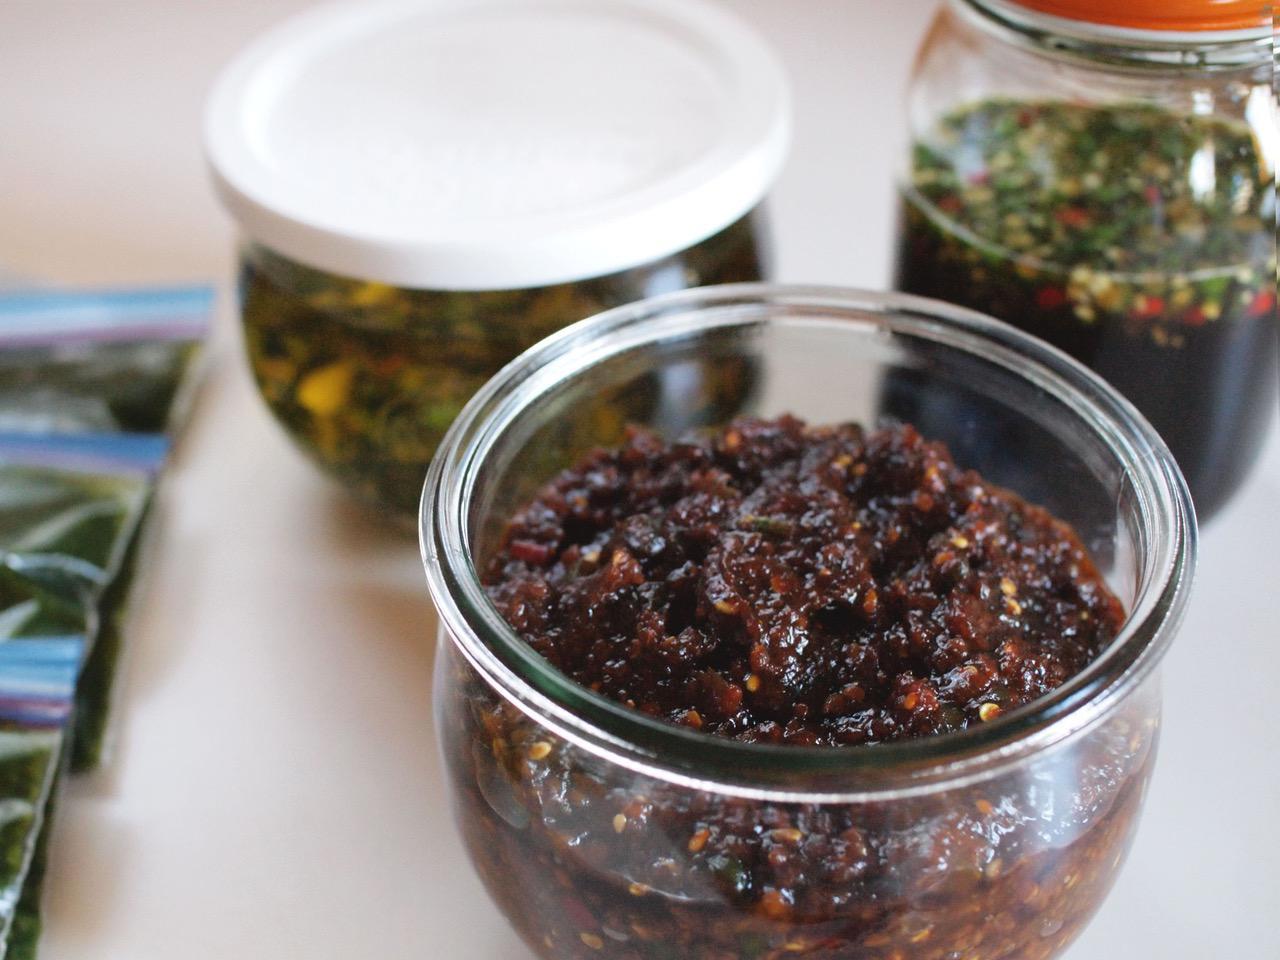 画像: 自家製味噌を使った青とうがらし味噌。主に和食で使います